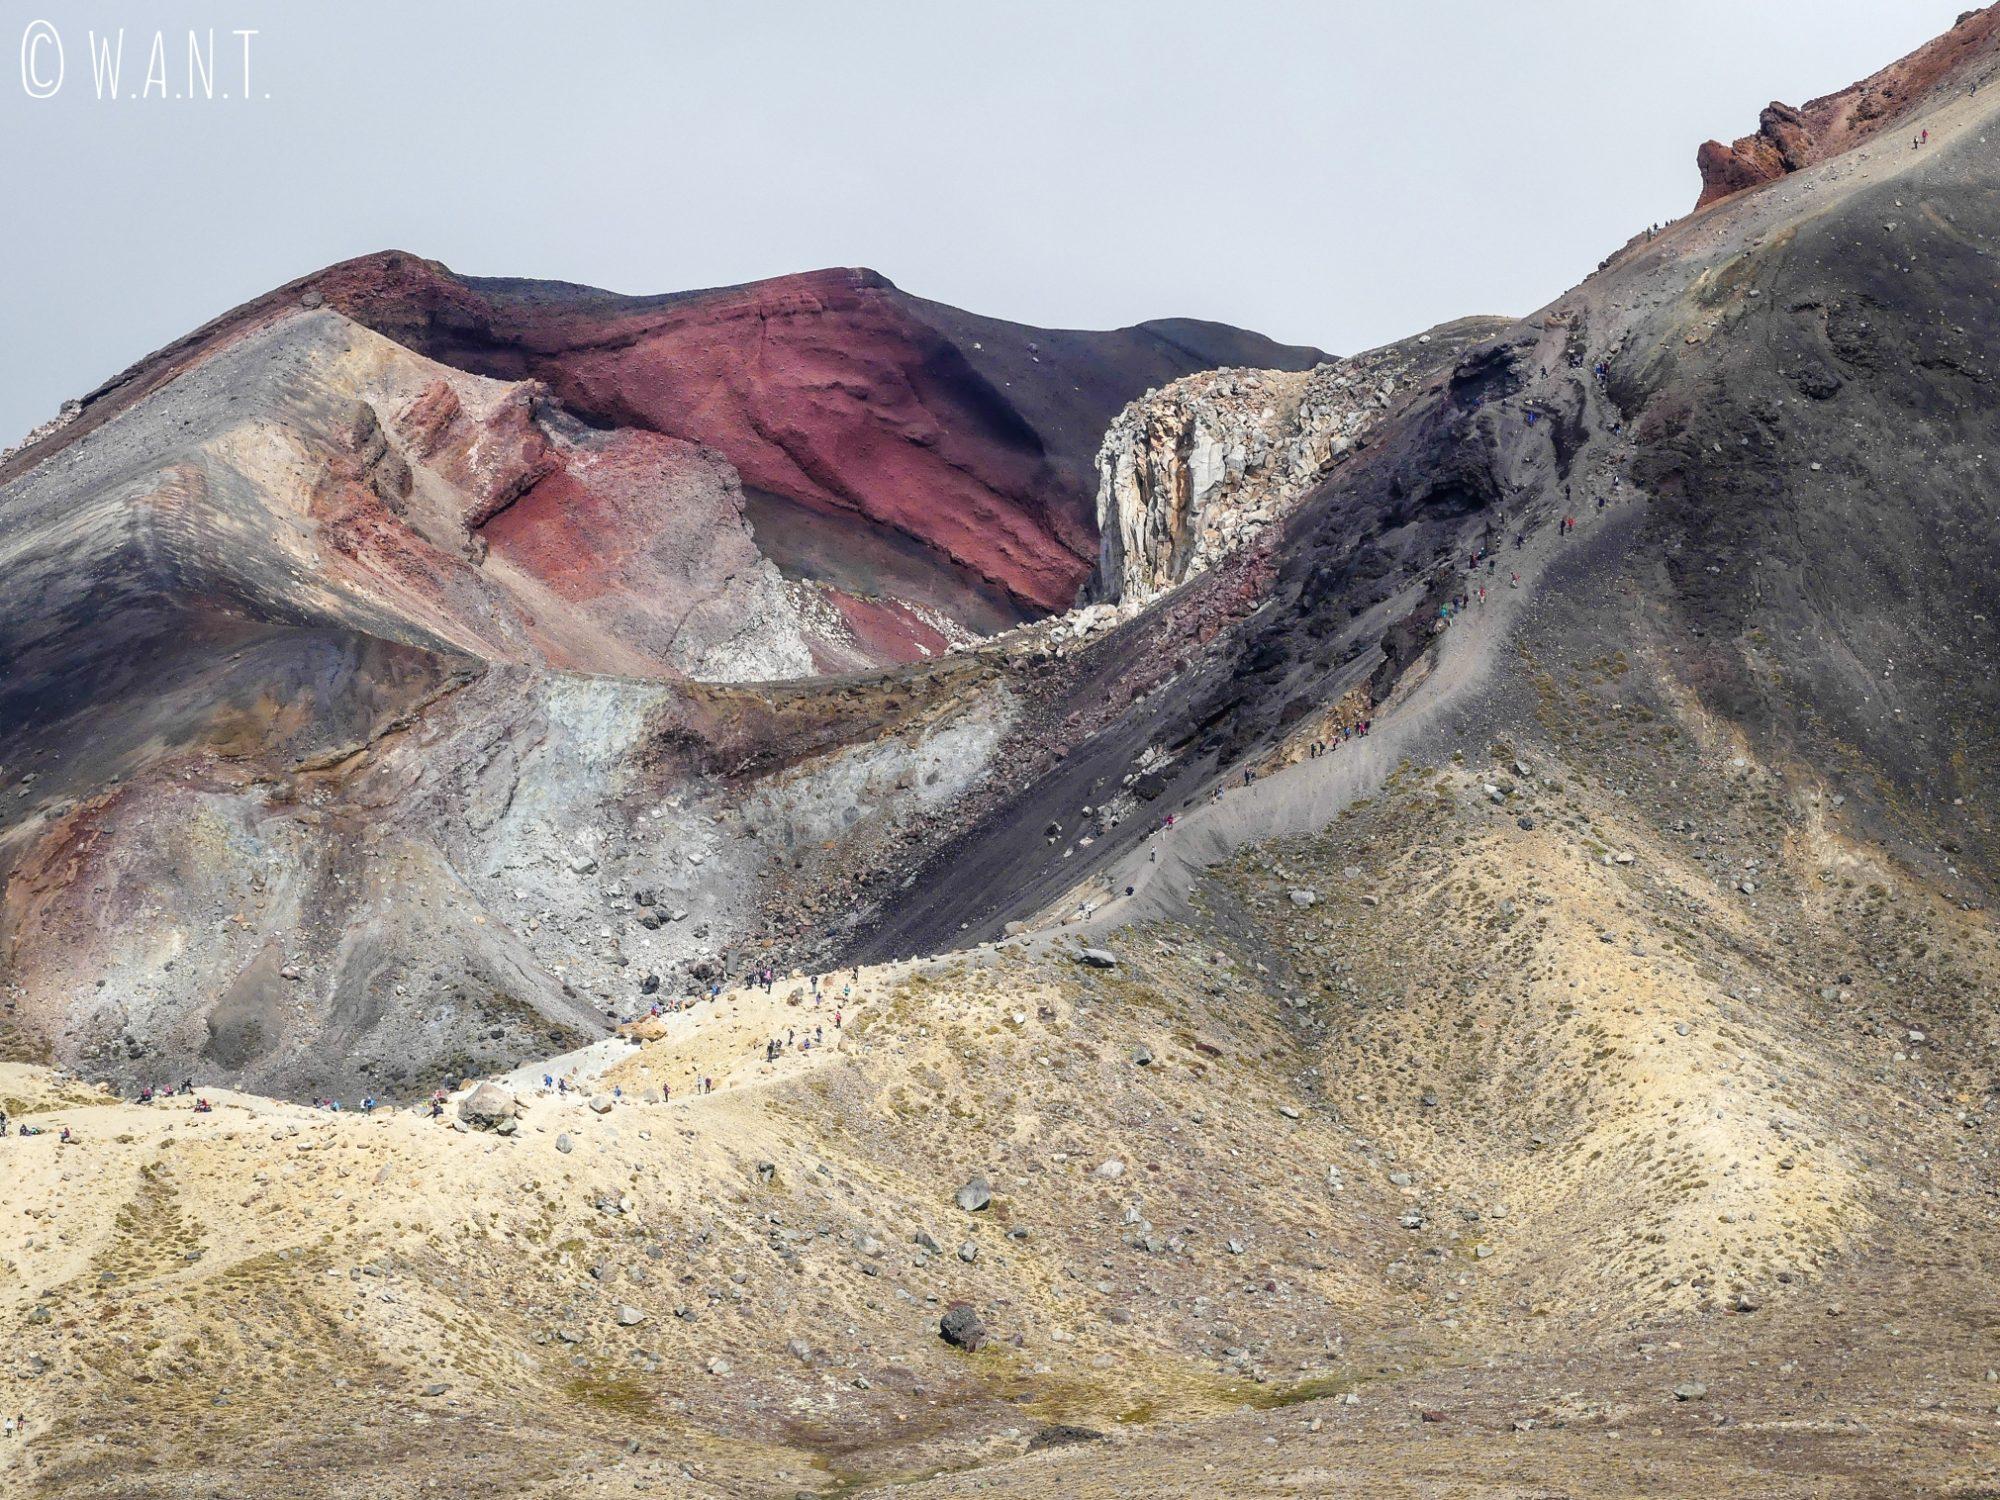 Incroyable de s'imaginer que nous avons descendu le long du Red Crater en Nouvelle-Zélande